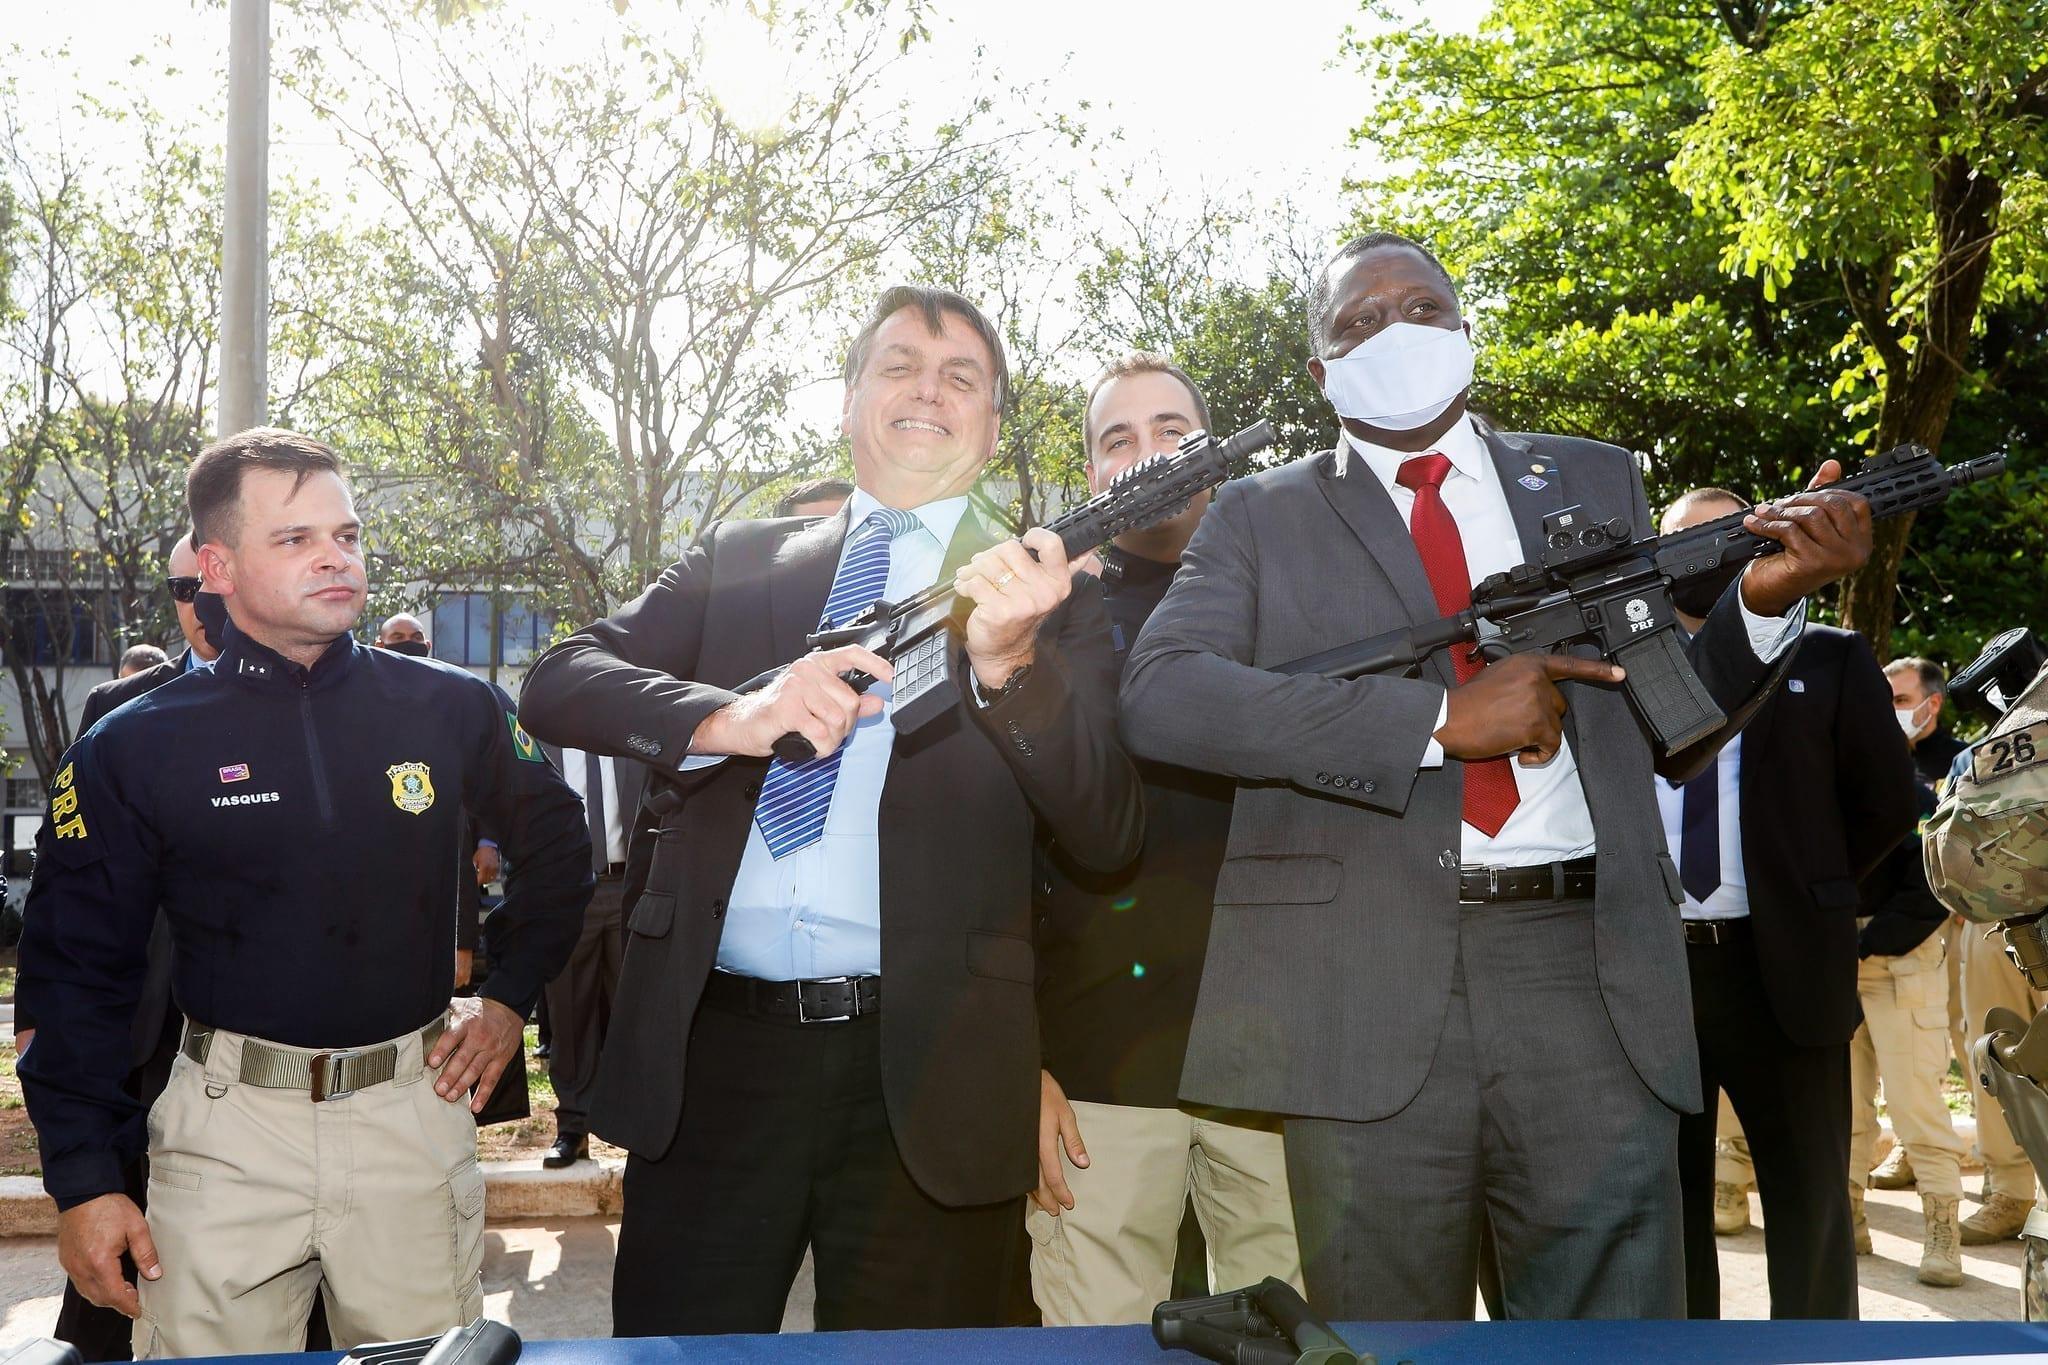 O presidente Jair Bolsonaro empunha um fuzil em ato na Polícia Rodoviária Federal